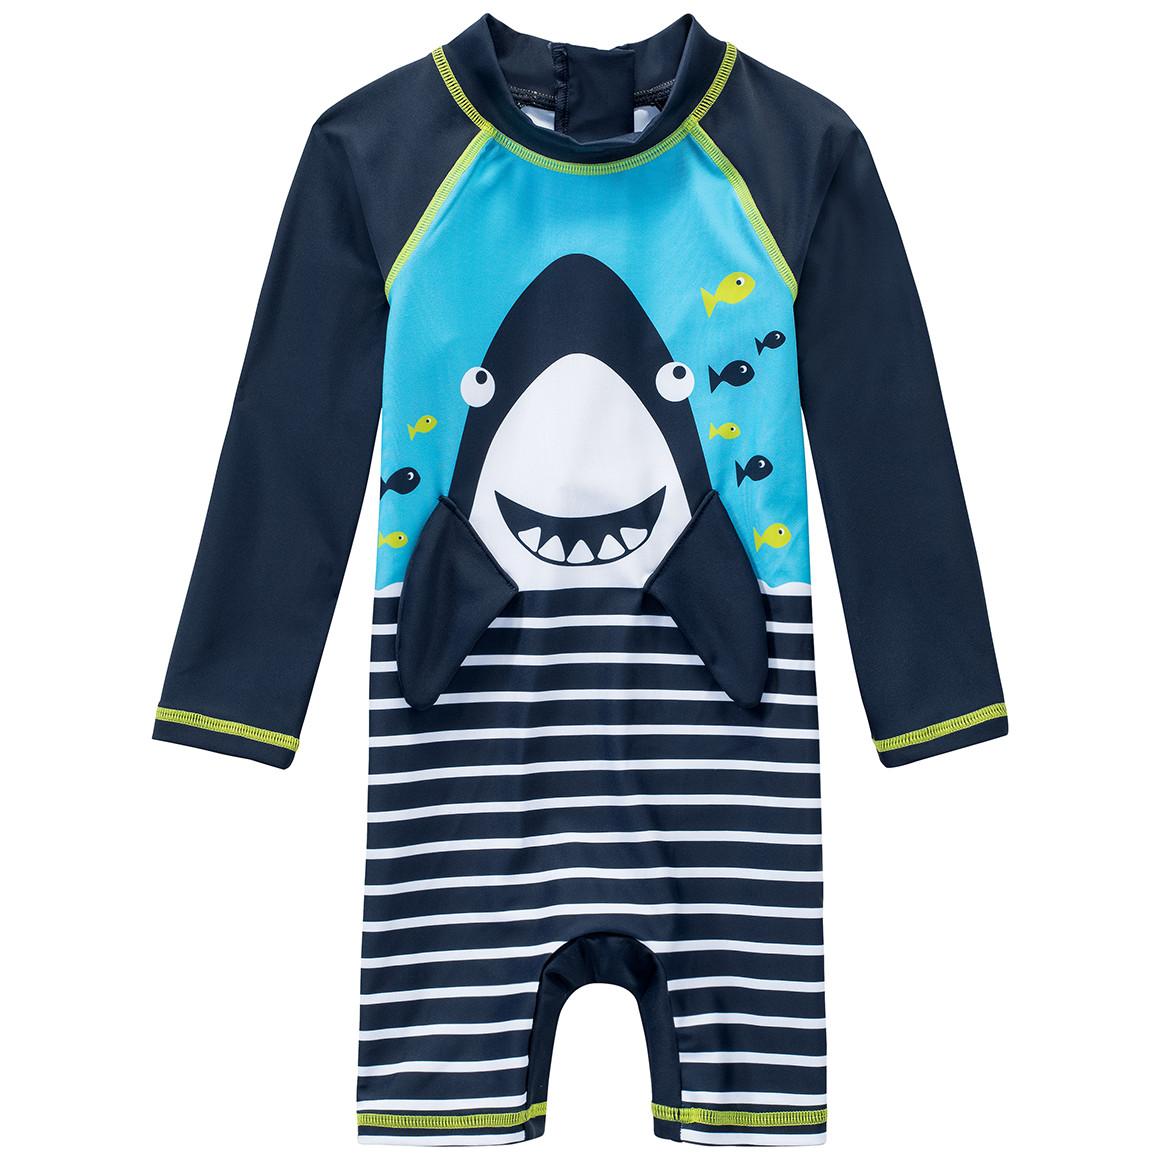 gutes Angebot klassisch echte Qualität Baby UV-Badeoverall mit Reißverschluss | Ernsting's family